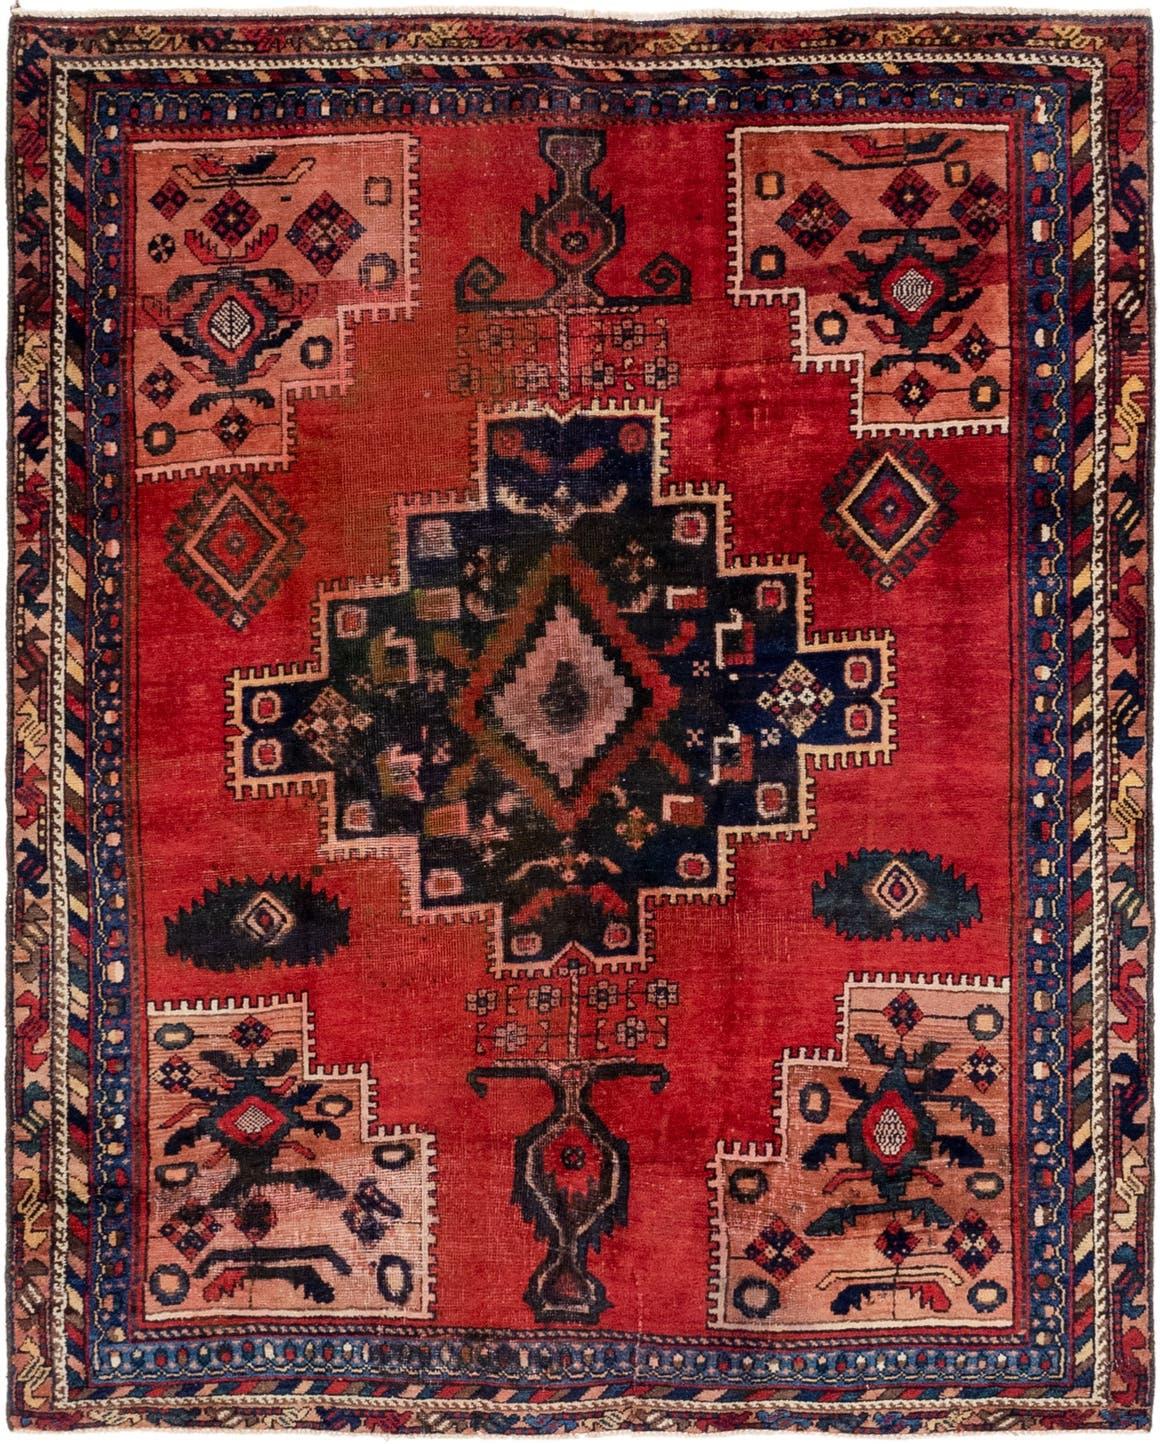 Red 5 X 6 Hamedan Persian Rug Rugs Com